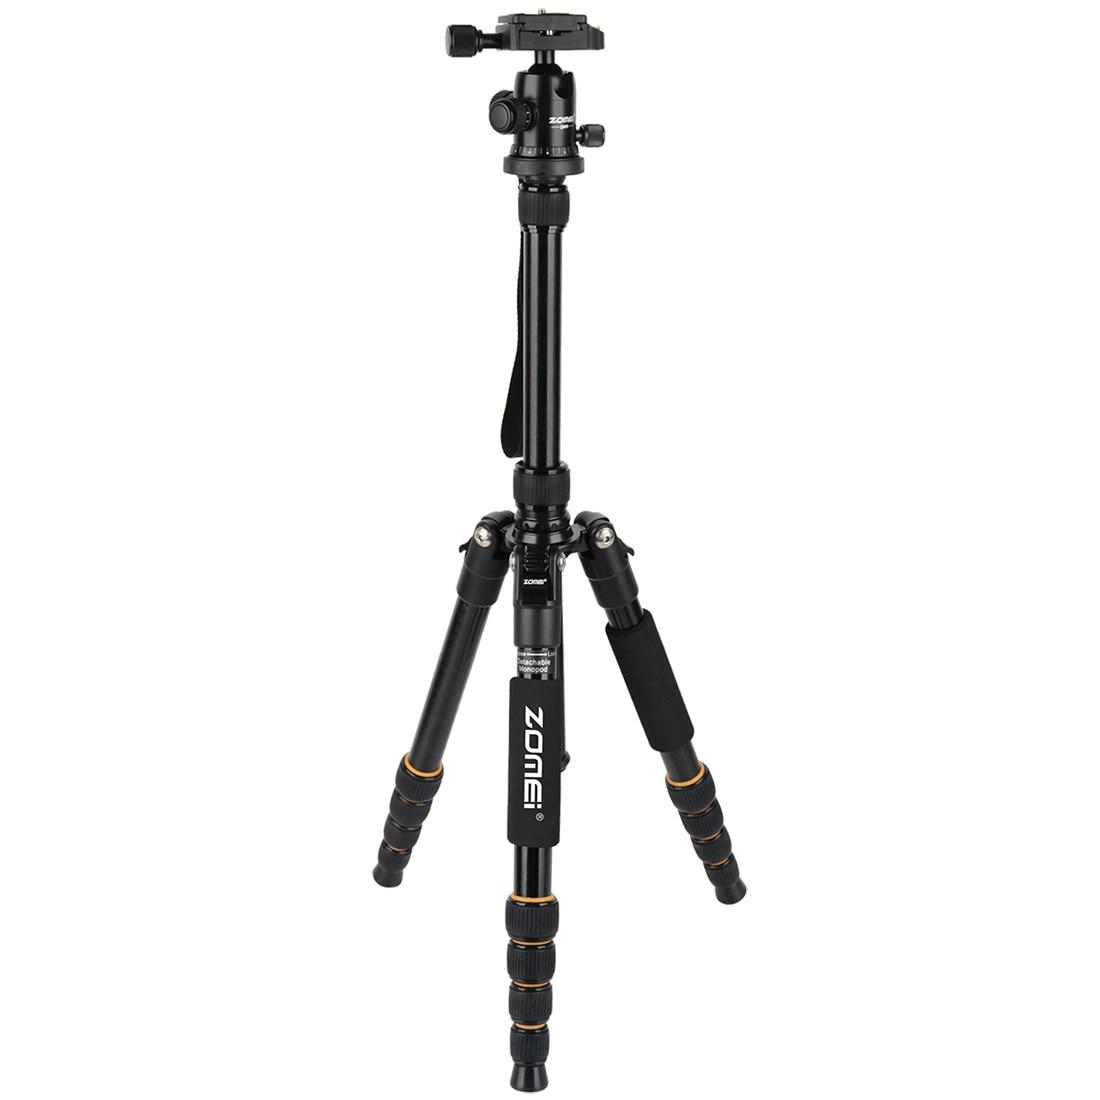 ZOMEi Q666 Profesionální cestovní fotoaparát Tripod Monopod - Videokamery a fotoaparáty - Fotografie 2